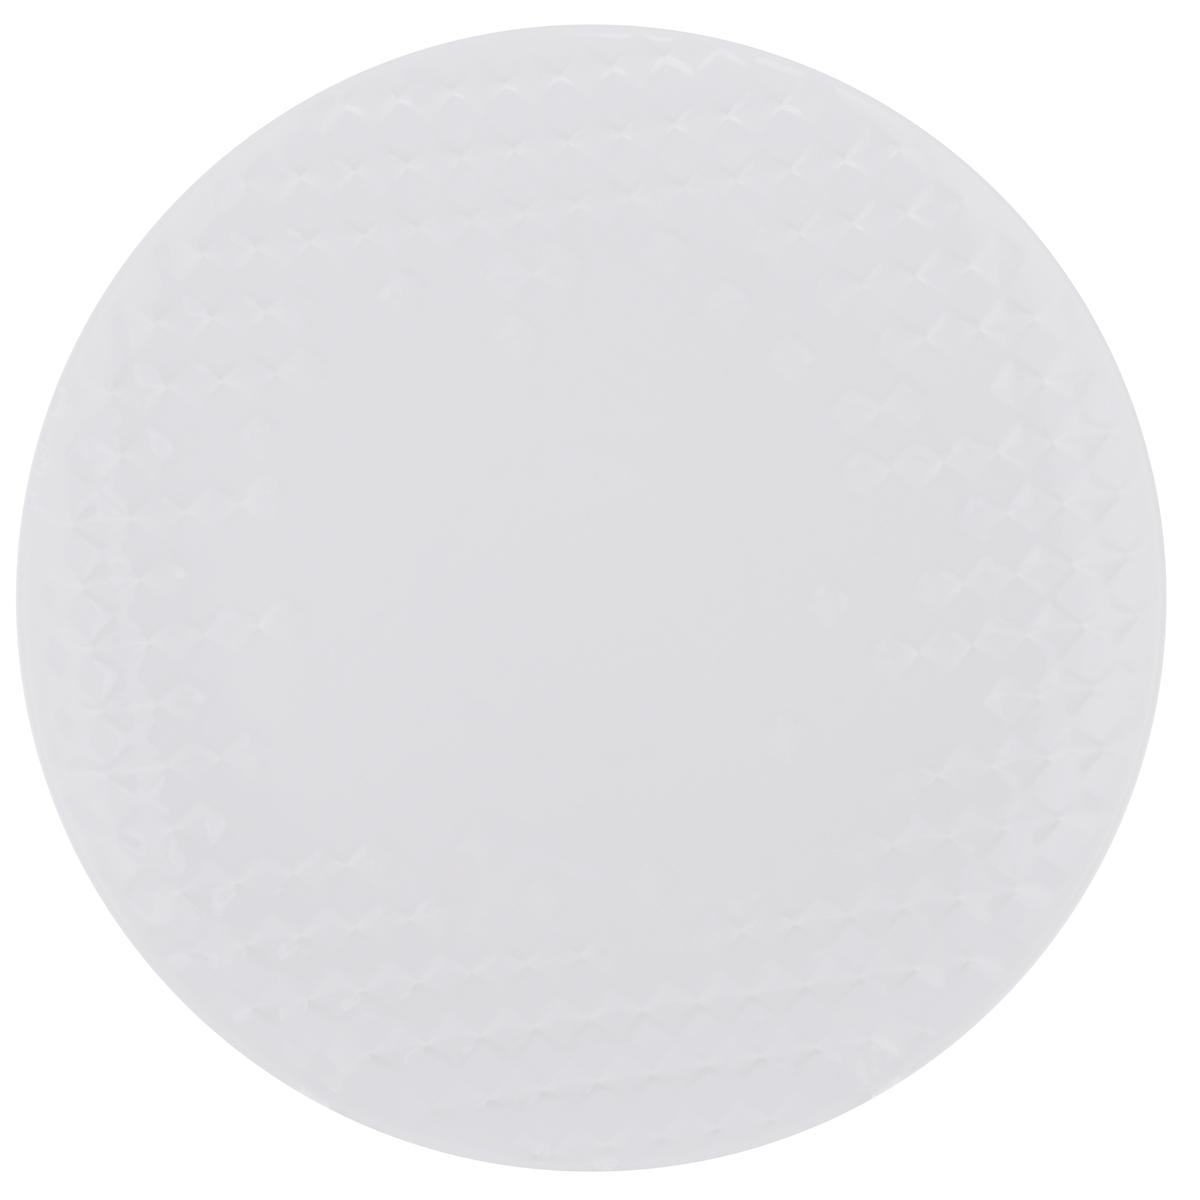 Тарелка обеденная Walmer Sapphire, диаметр 25,5 см52212Тарелка обеденная Walmer Sapphire изготовлена из фарфора белого цвета. Предназначена для красивой подачи различных блюд. Изделие декорировано необычным рельефом.Такая тарелка украсит сервировку стола и подчеркнет прекрасный вкус хозяйки. Не применять абразивные чистящие средства.Диаметр: 25,5 см. Высота: 2,5 см.